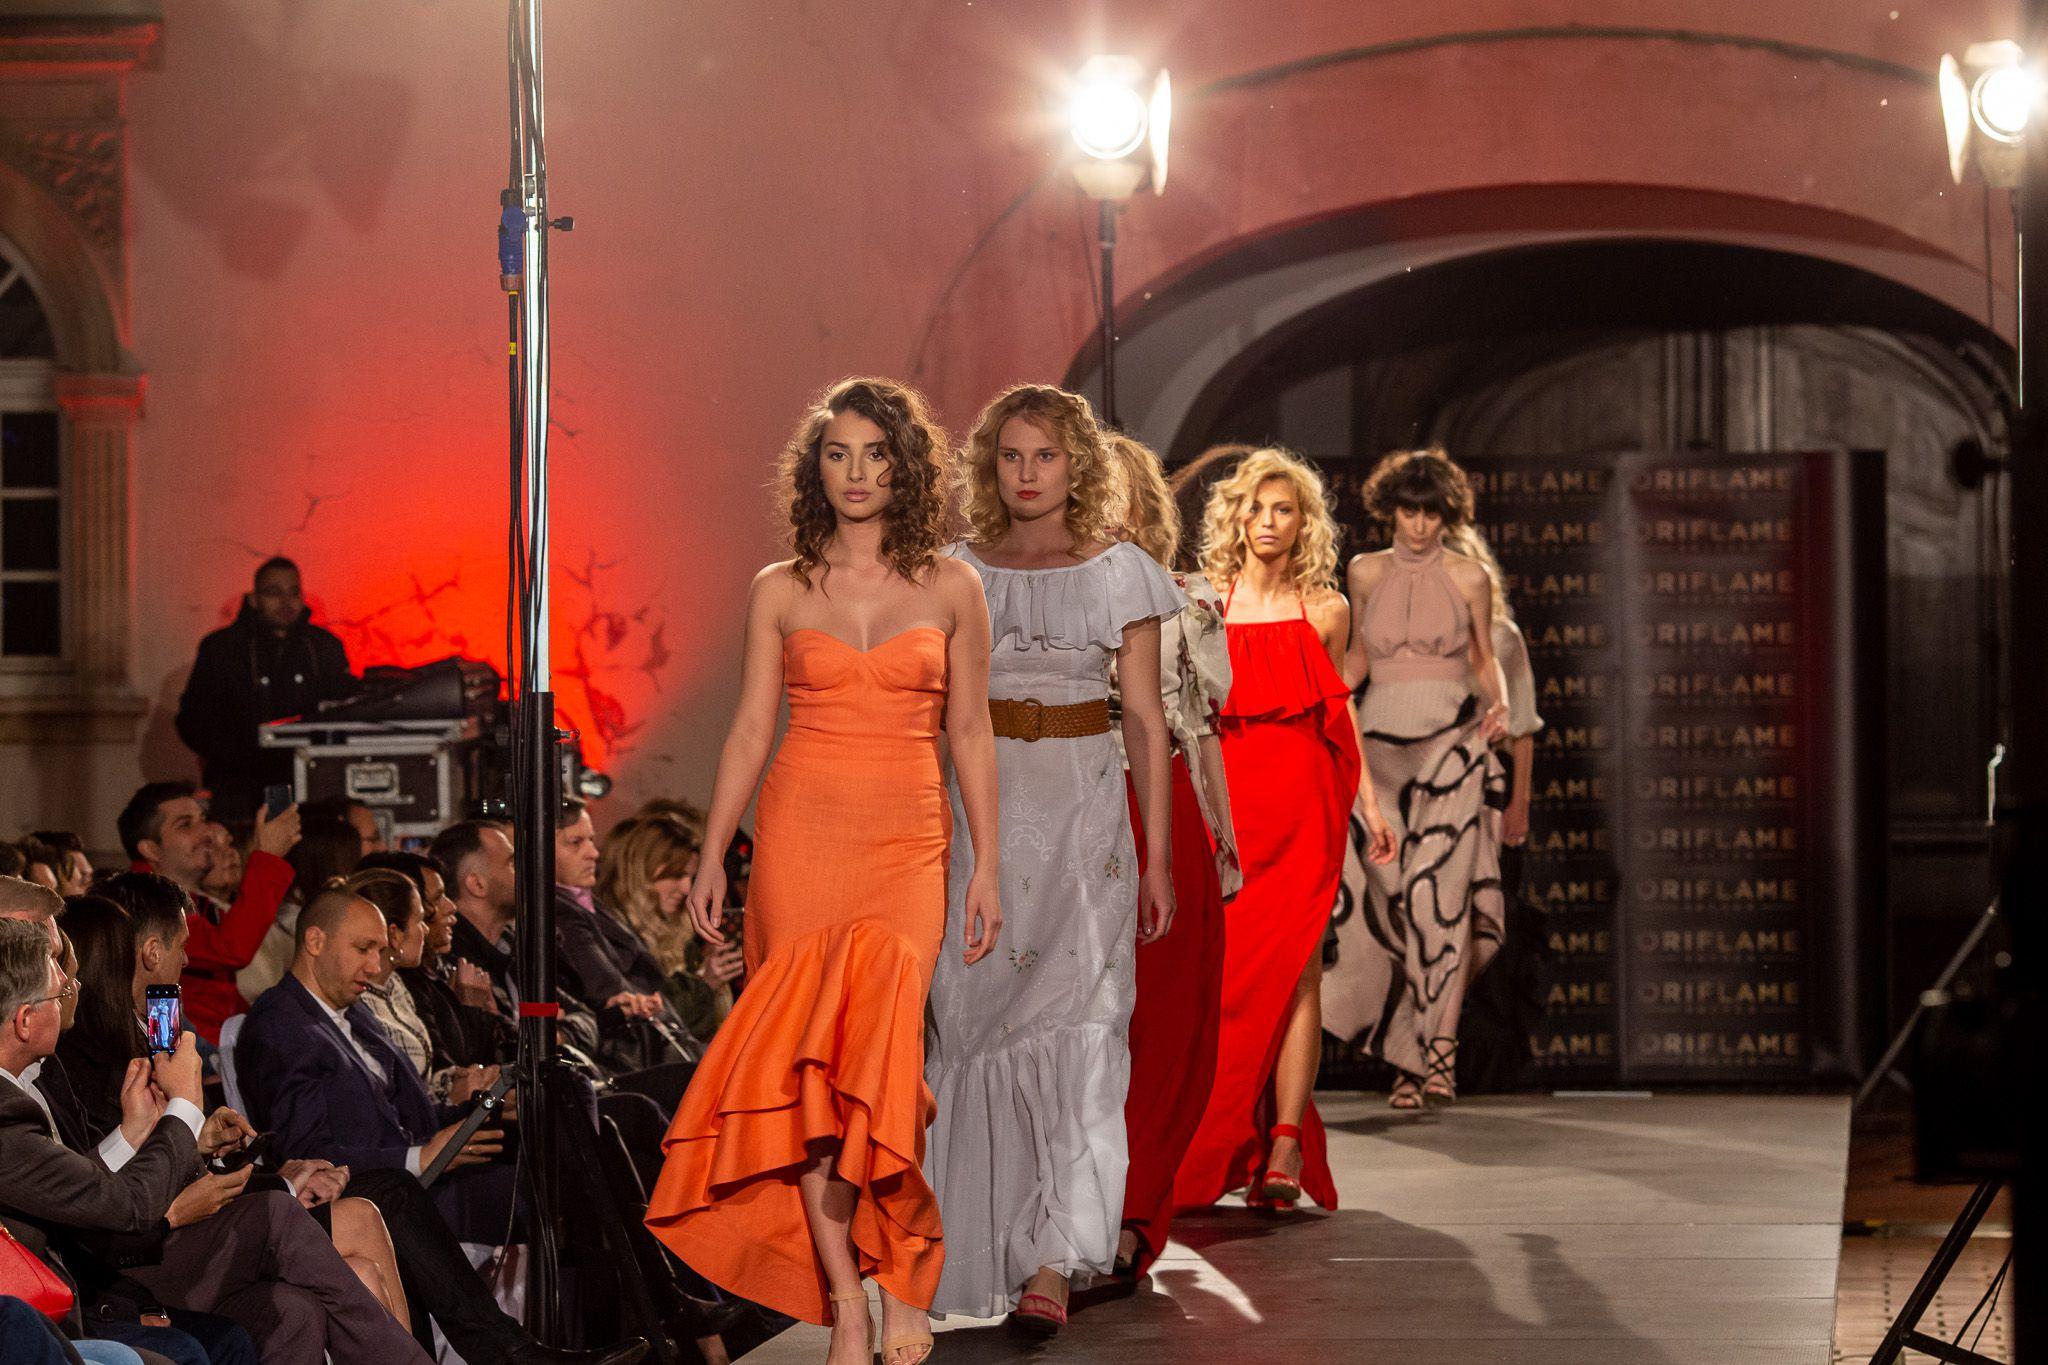 Galerija Klovićevi dvori zablistala povodom treće humanitarne modne revije  Fashion&Compassion